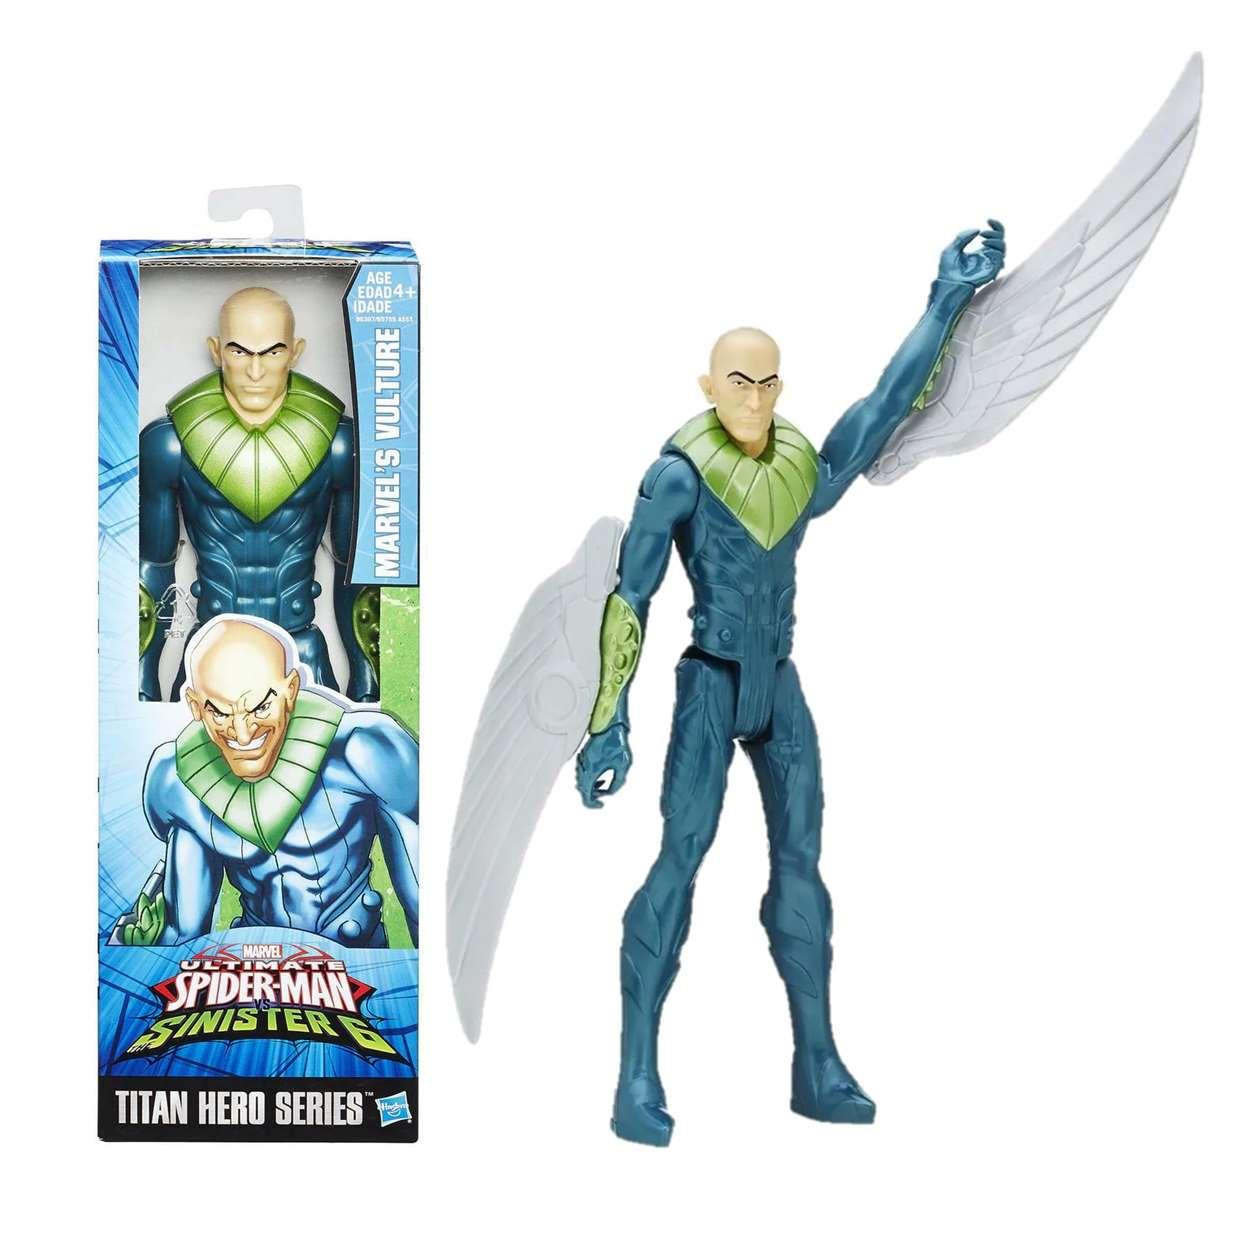 Vulture Figura Marvel Ultimate Spider Man Sinister 6 12 PuLG